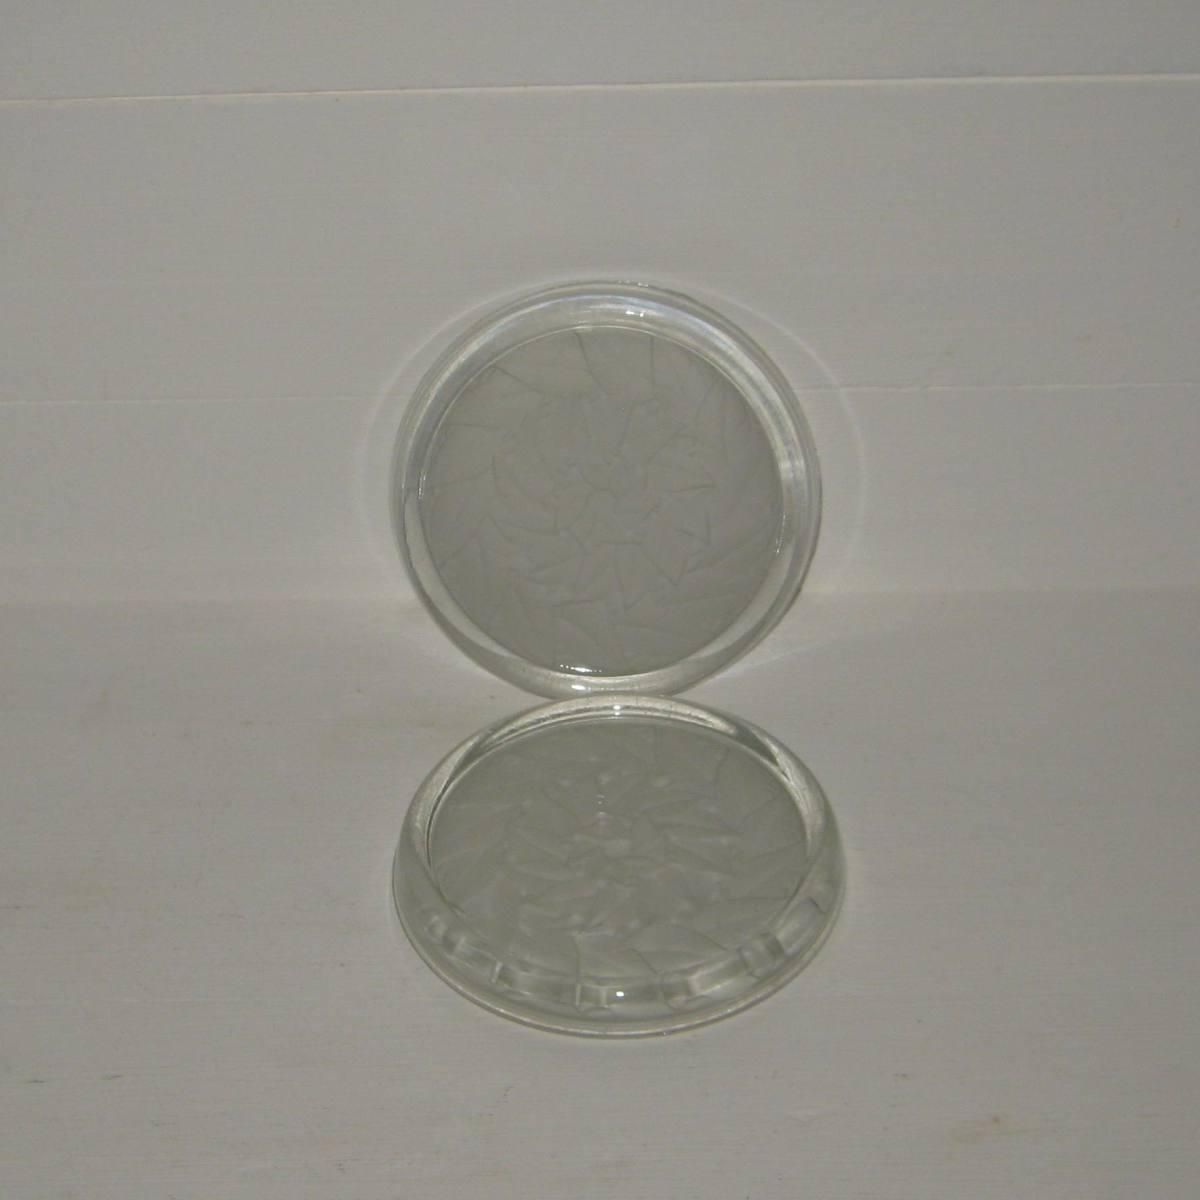 Anciens dessous de bouteille en verre blanc et satine 1